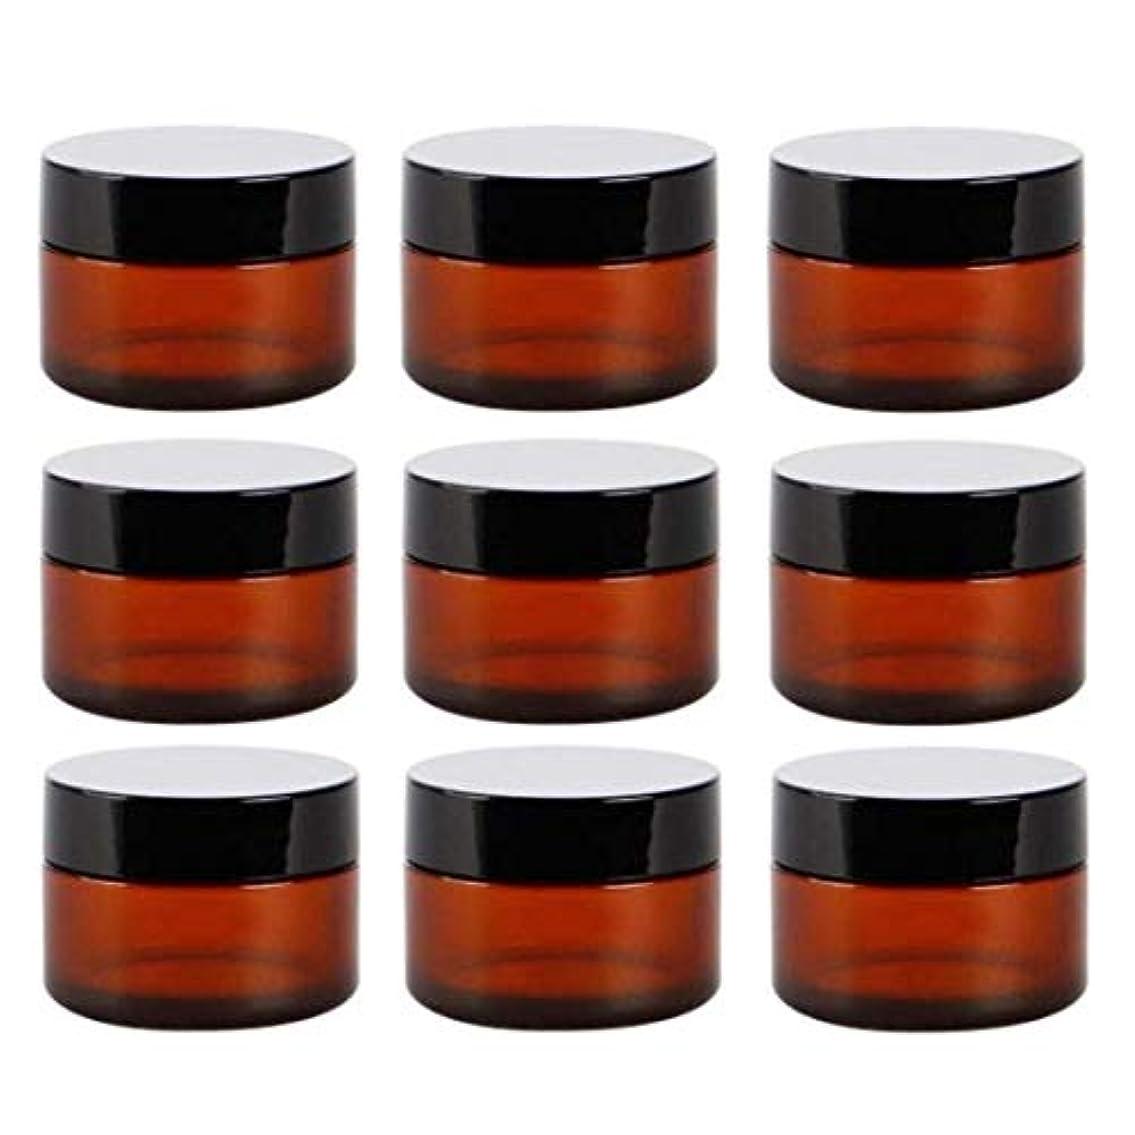 眠り中古ピンポイントアロマオイル 精油 香水やアロマの保存 小分け用 遮光瓶 詰替え ガラス製 9本セット茶色10g